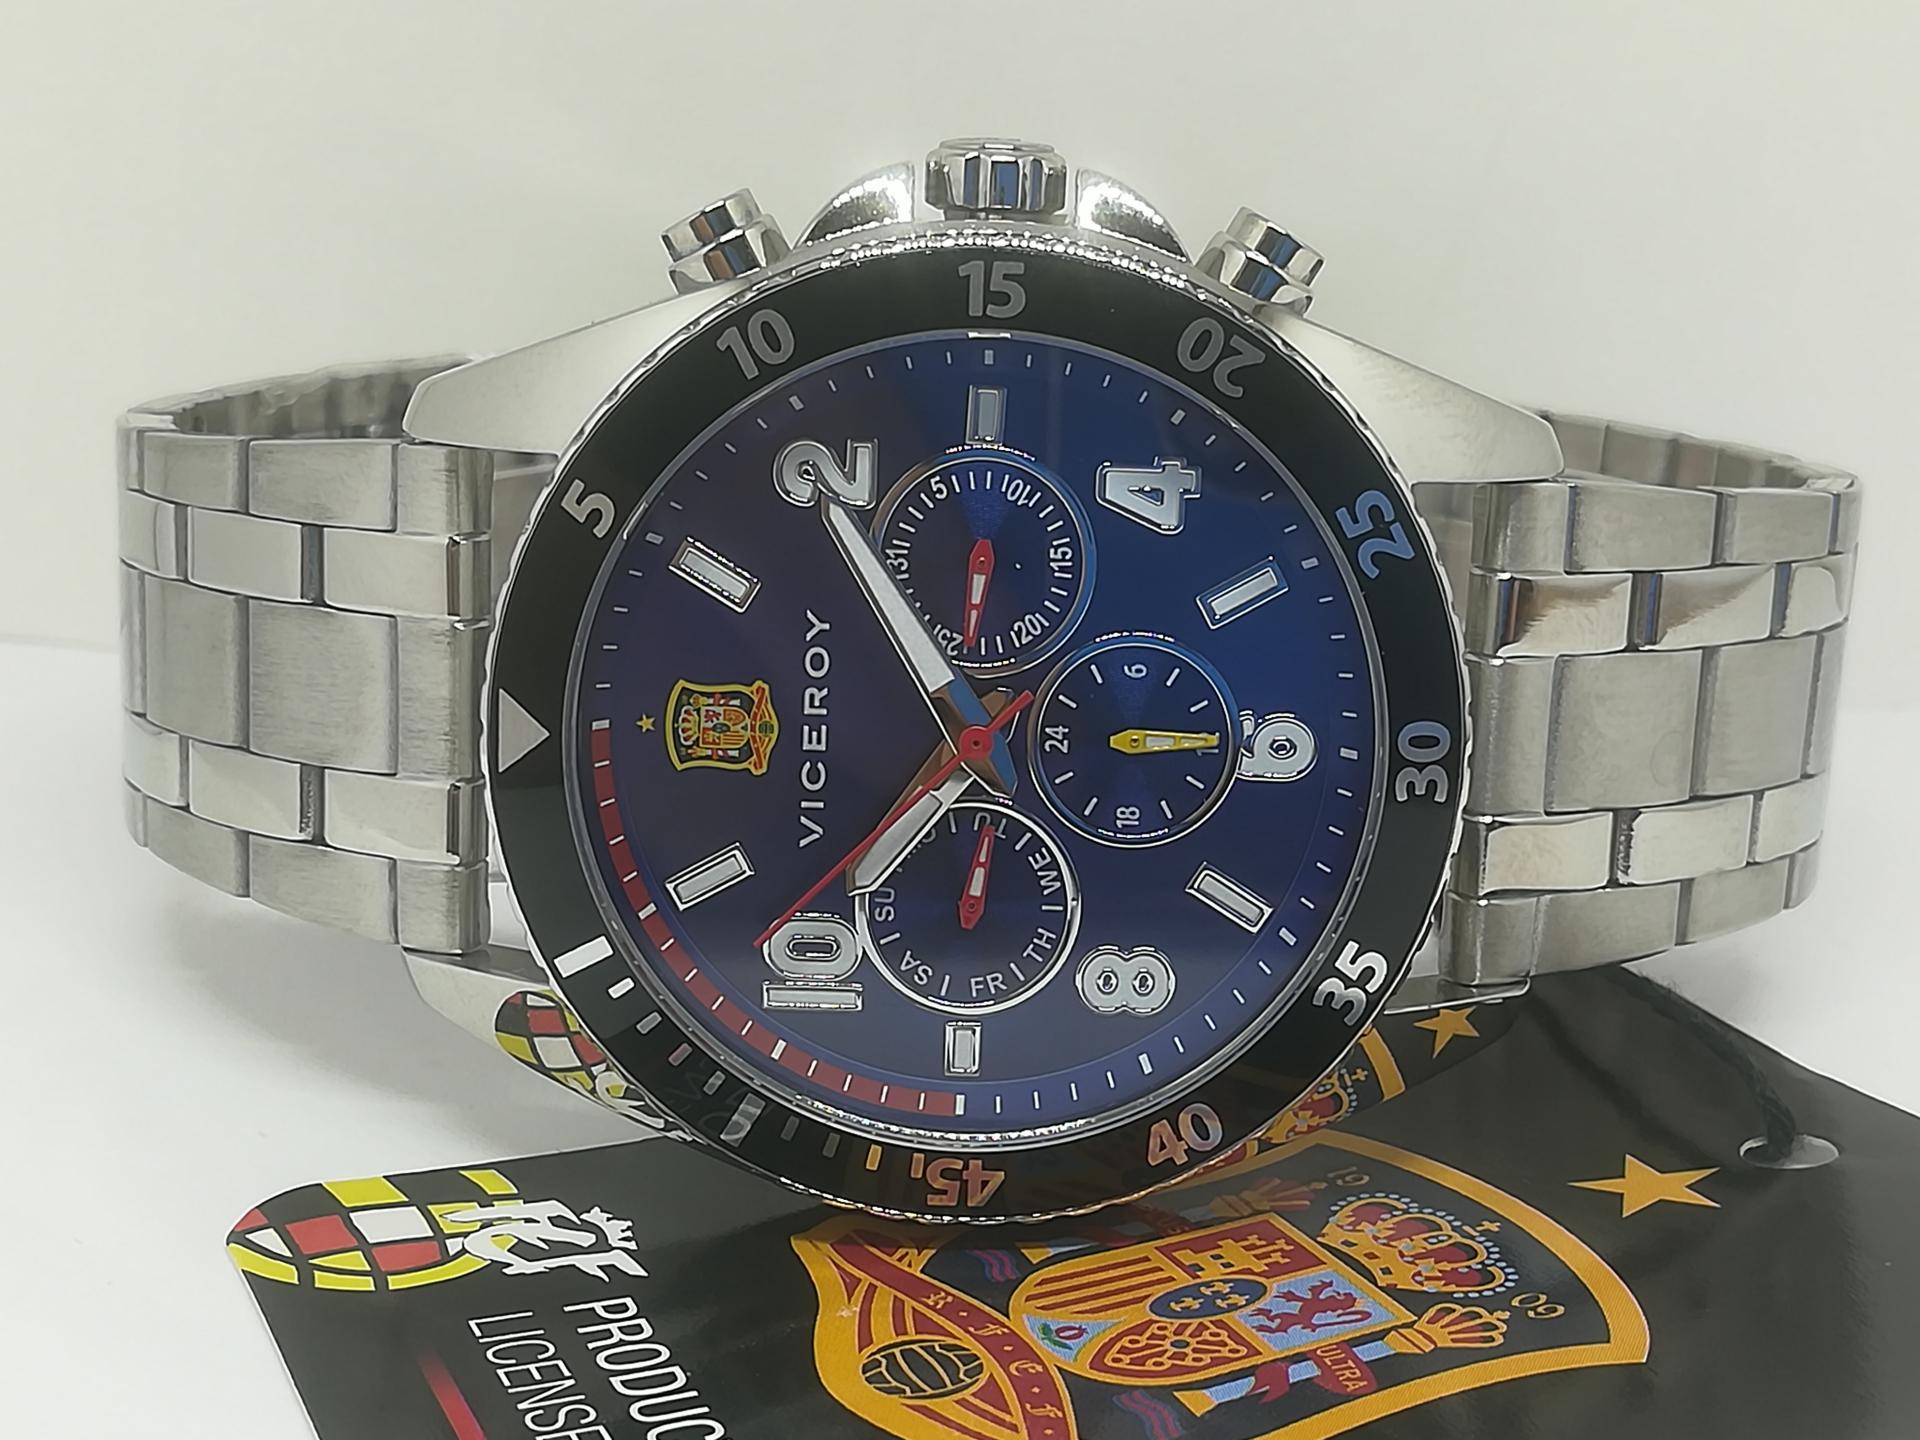 Reloj Viceroy Seleccion Española 42341-35 Oficial De Hombre